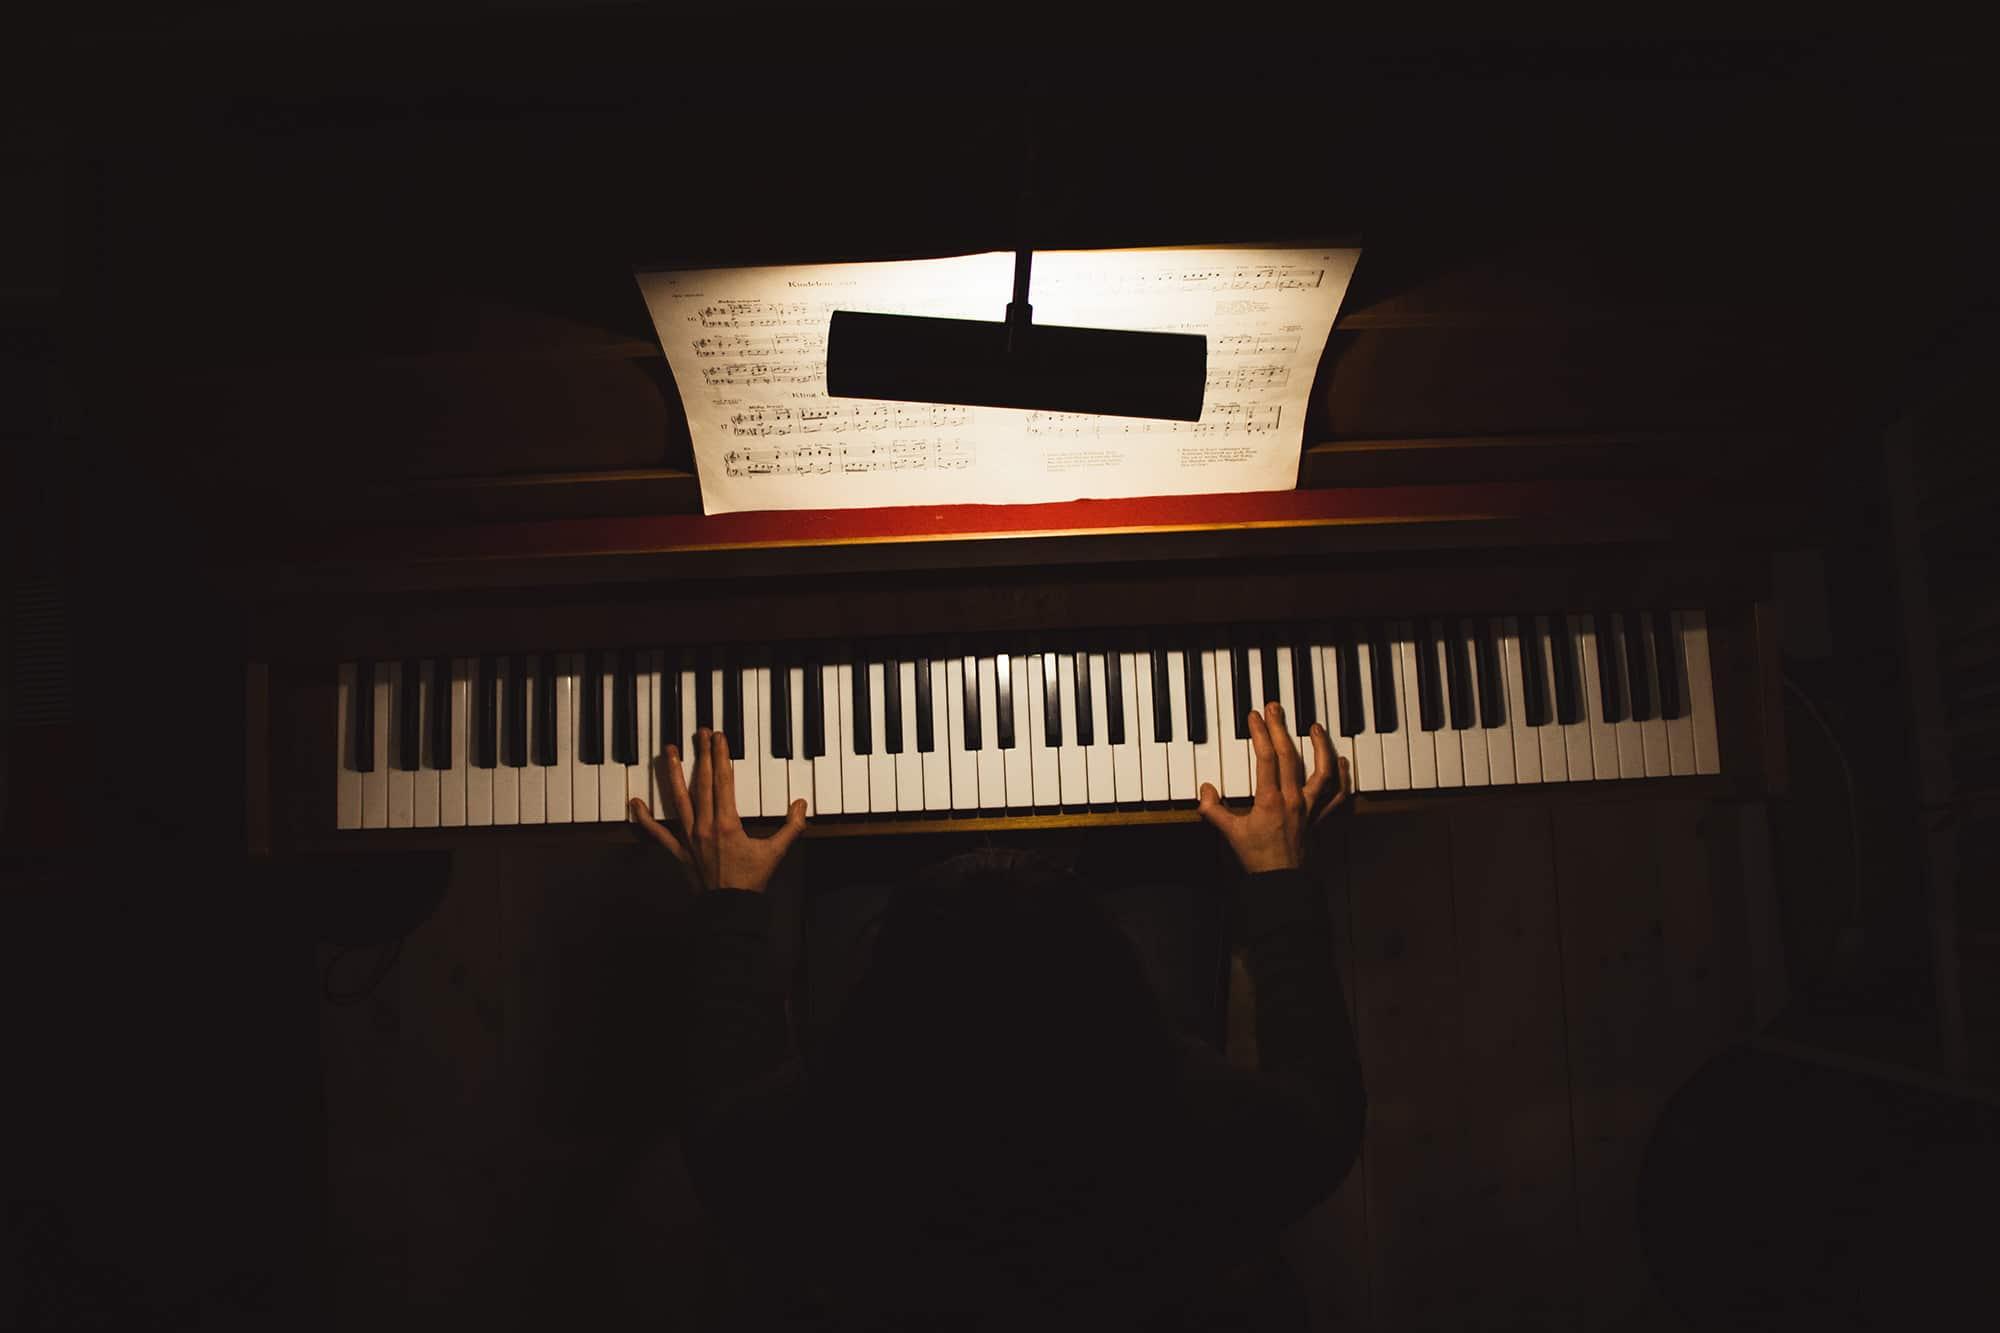 Le piano numérique Yamaha